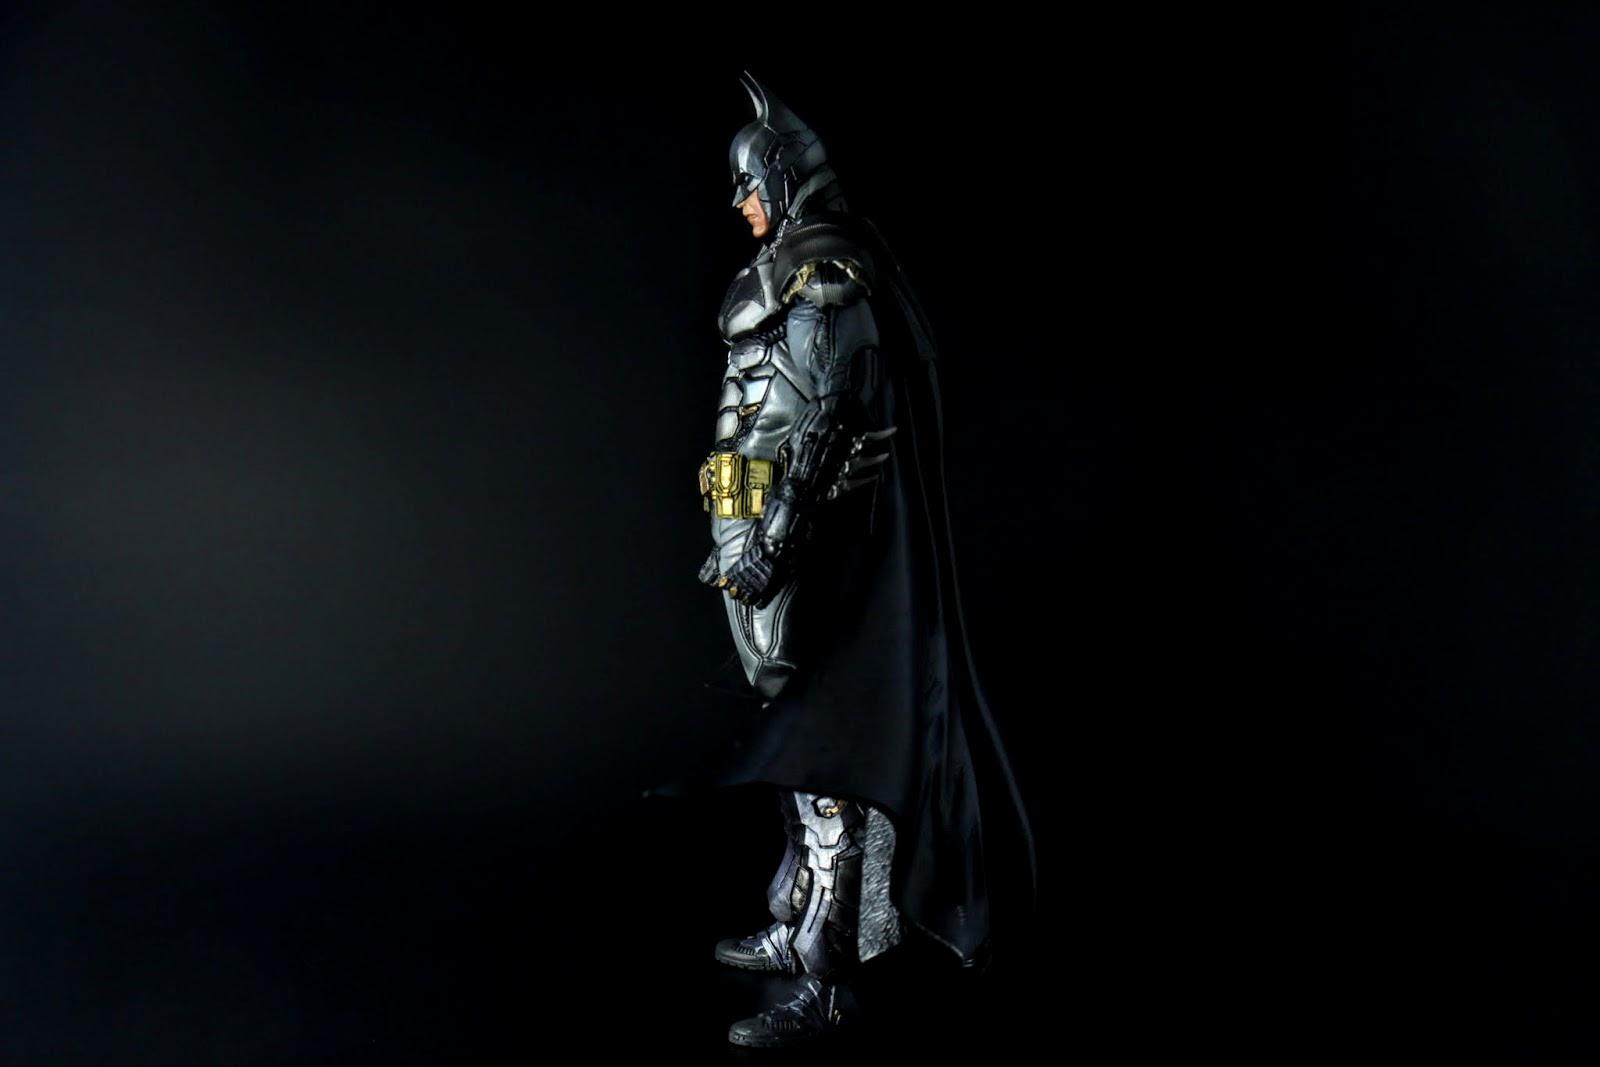 PA蝙蝠俠我也買了不少隻, 其中最令我詬病的就是大腿為了S站姿都太後面, 但這隻竟然沒有!